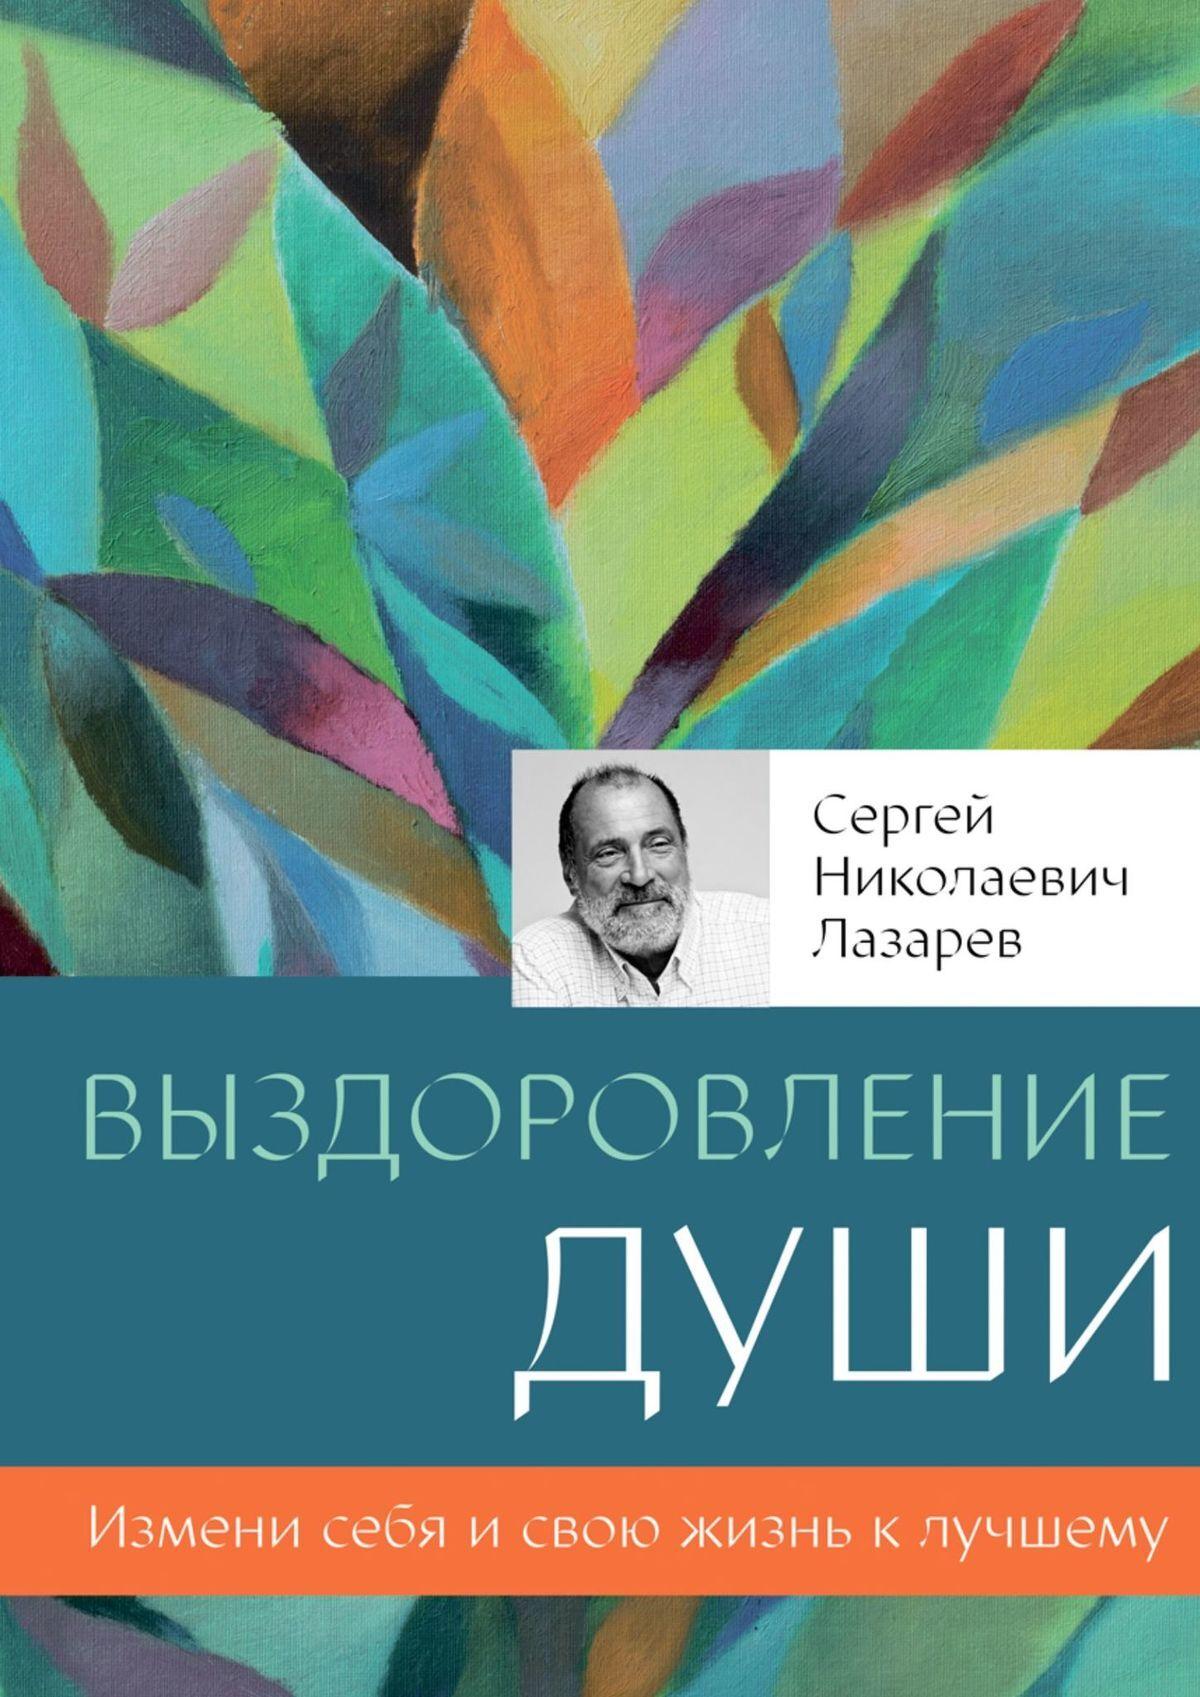 Сергей Николаевич Лазарев Выздоровление души с н лазарев выздоровление души